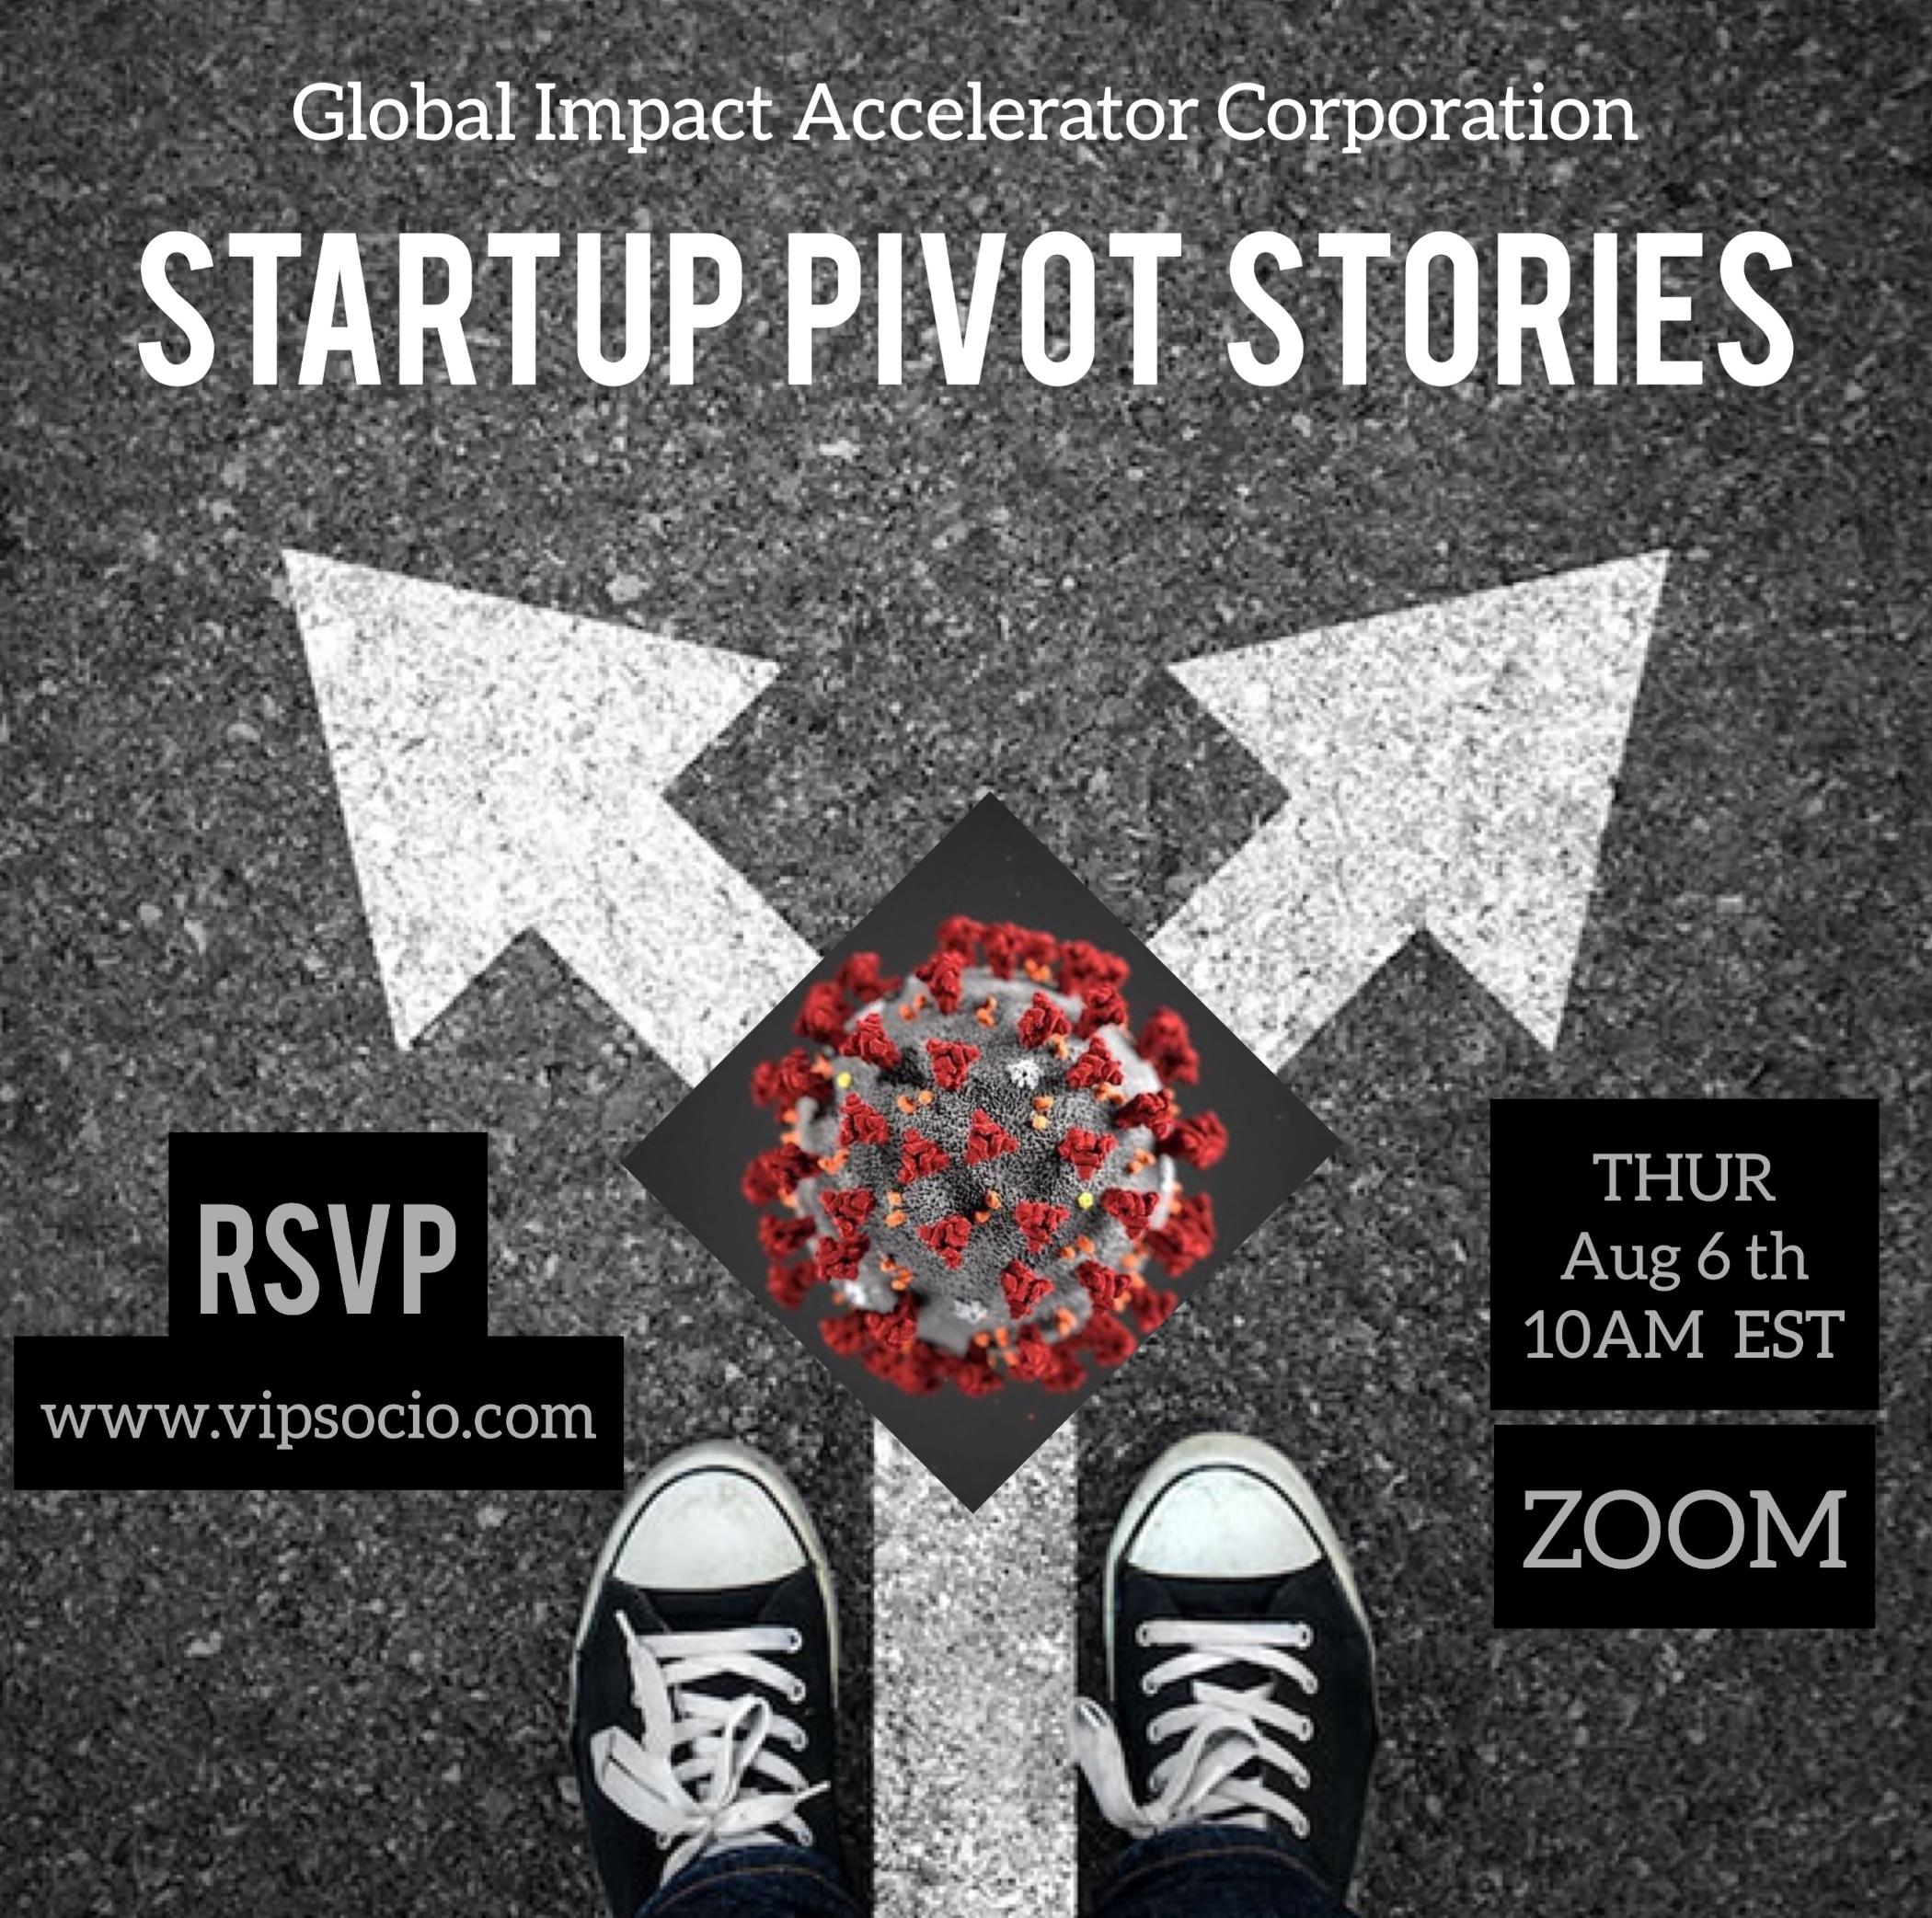 Startup Pivot Stories (10AM EST)